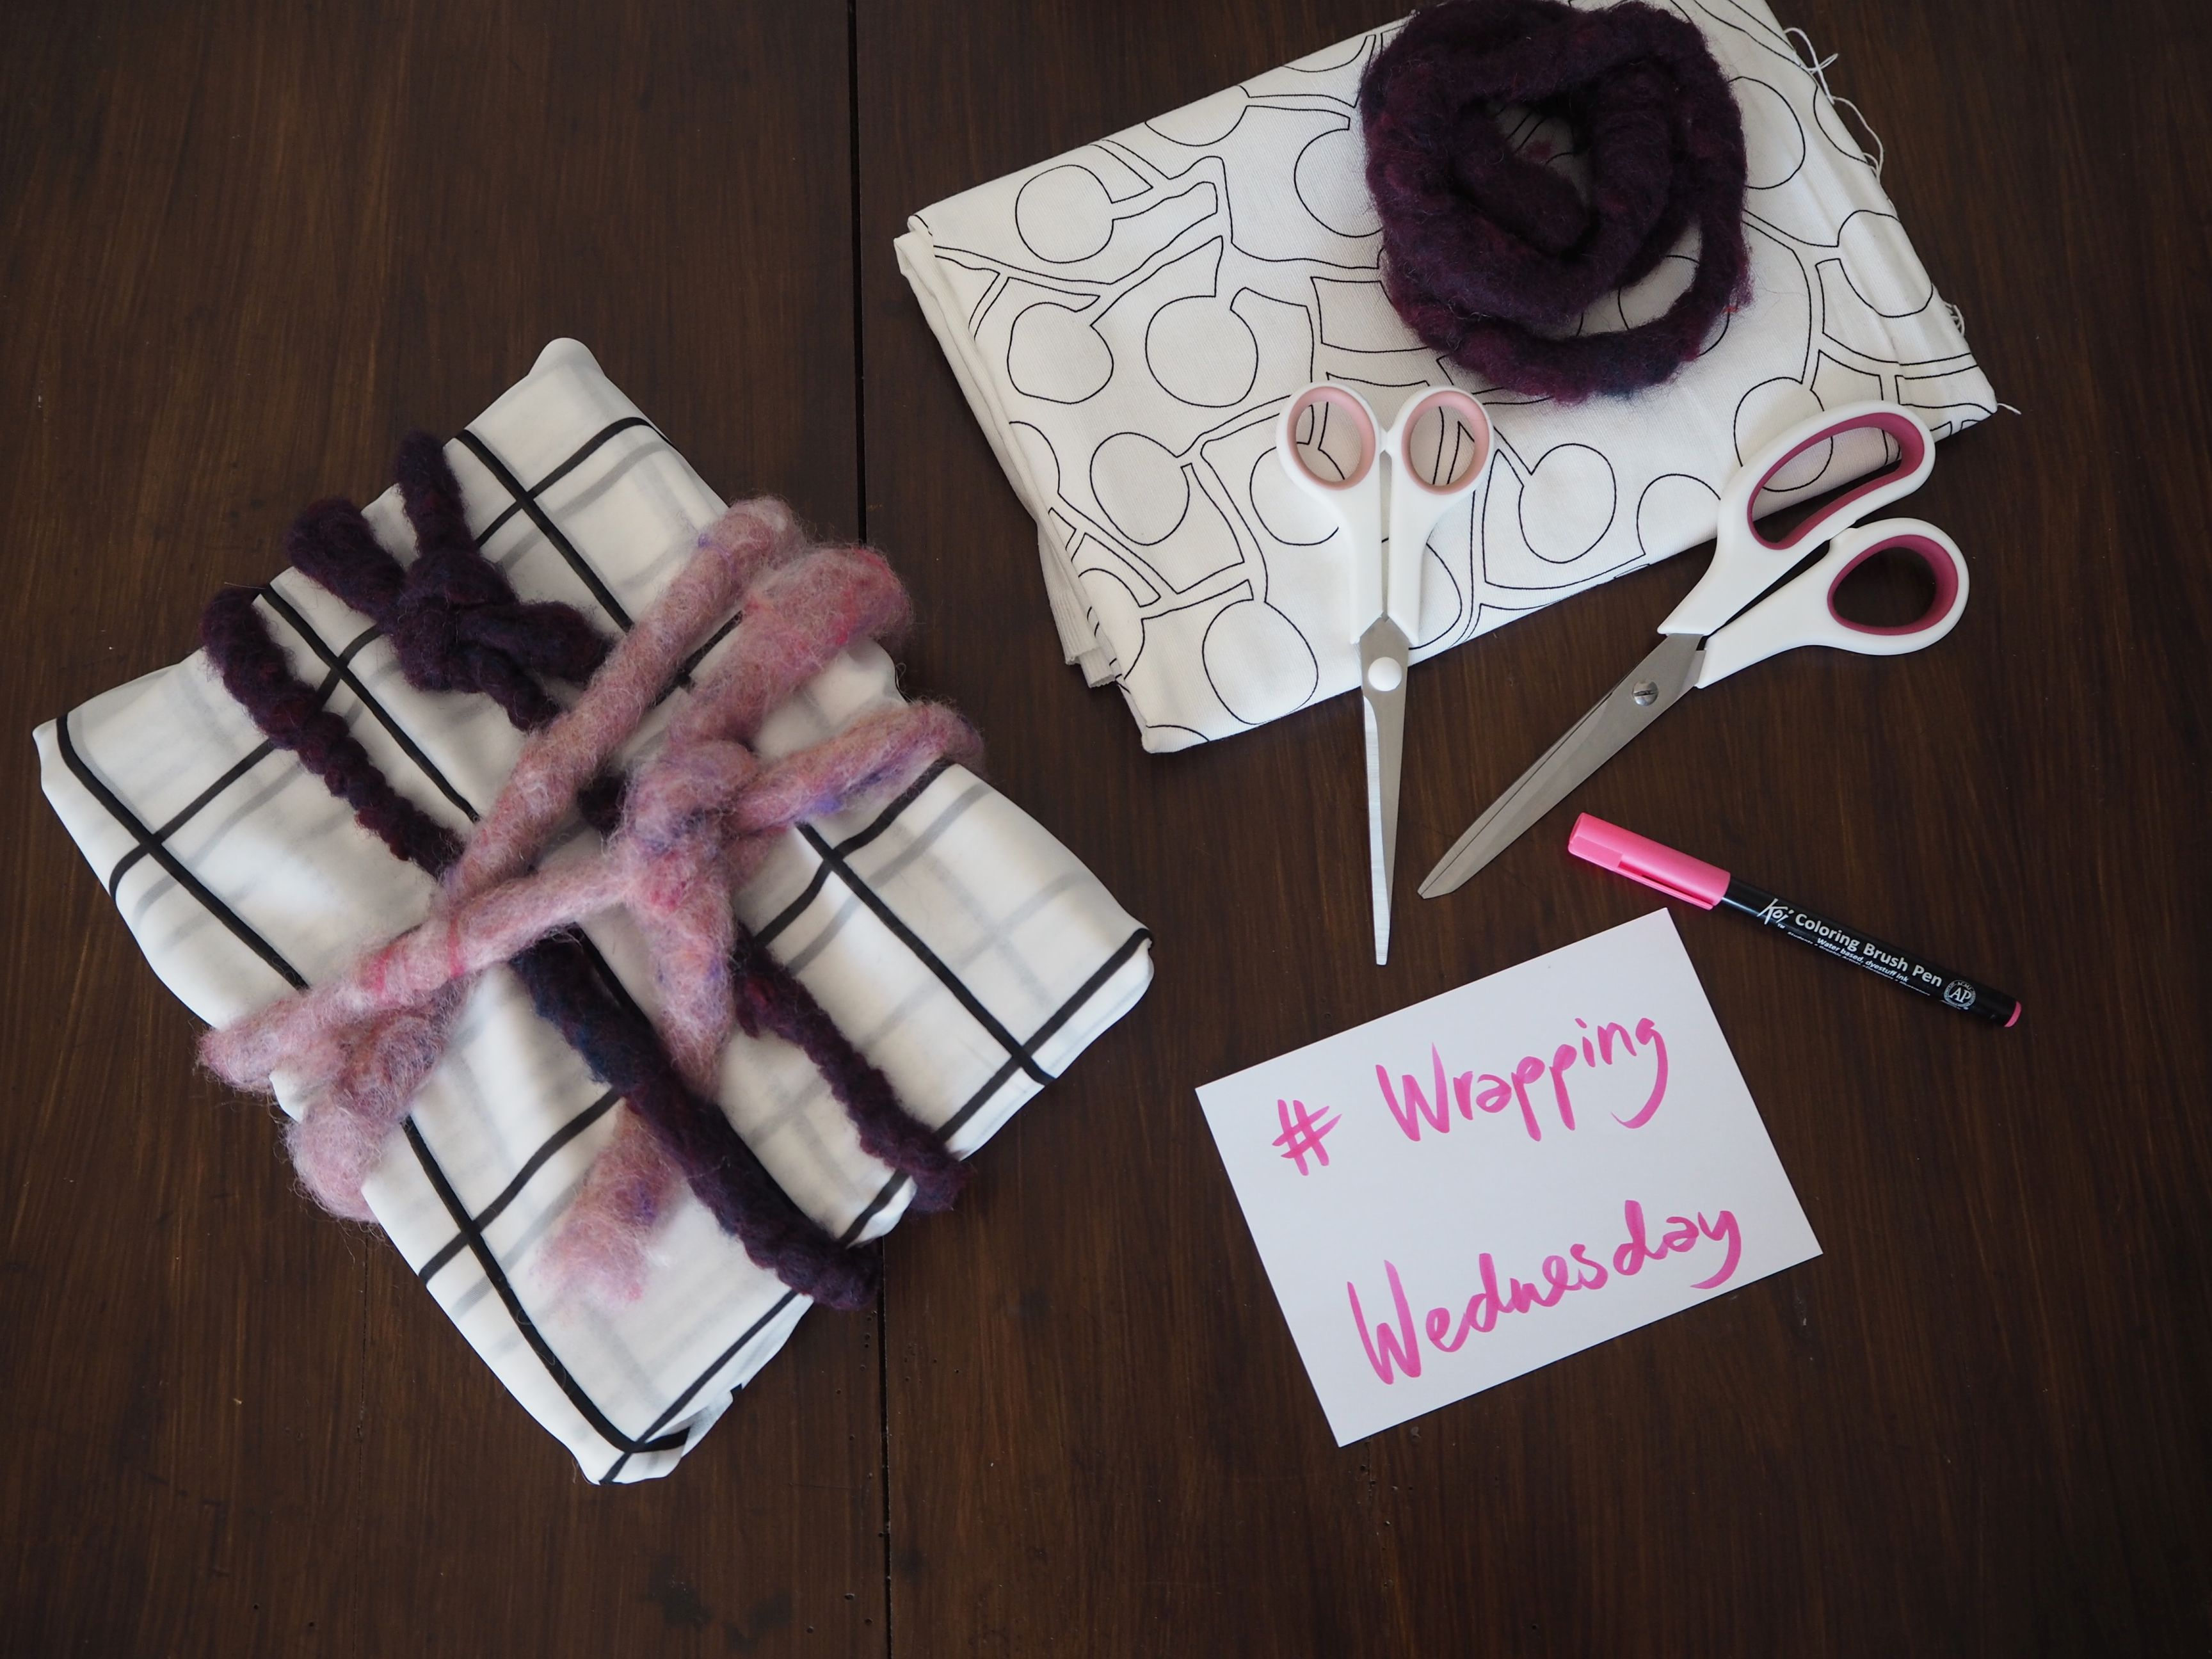 2016-08-diy-wrapping-wednesday-stoffreste-und-filz (1)